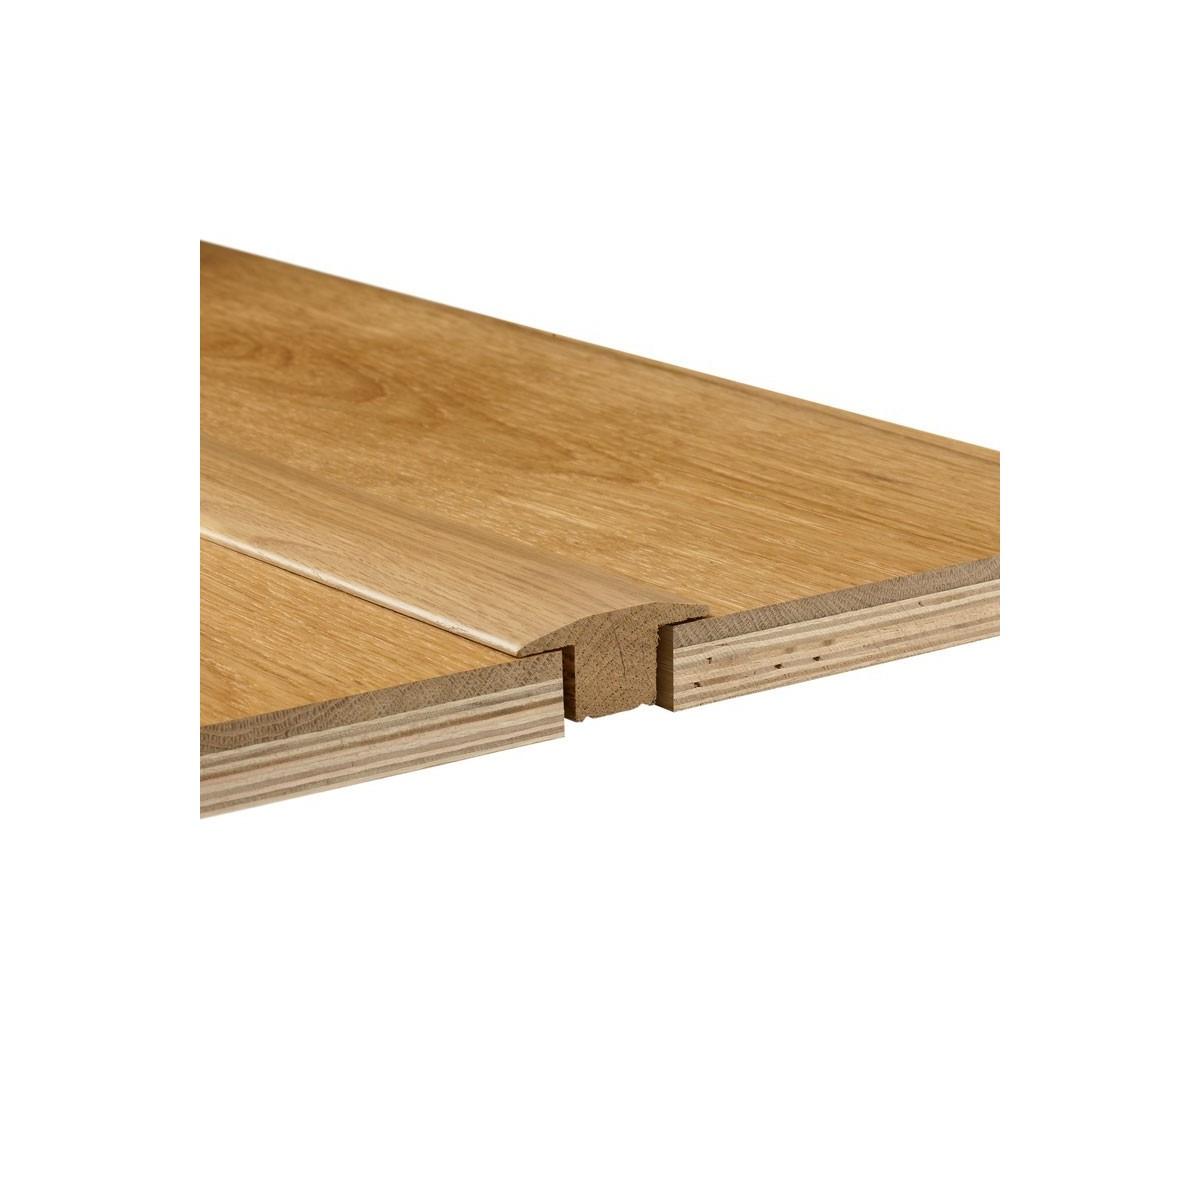 Seuil de Jonction MDF Placage Chêne Naturel 18x50 - Qualité Premium